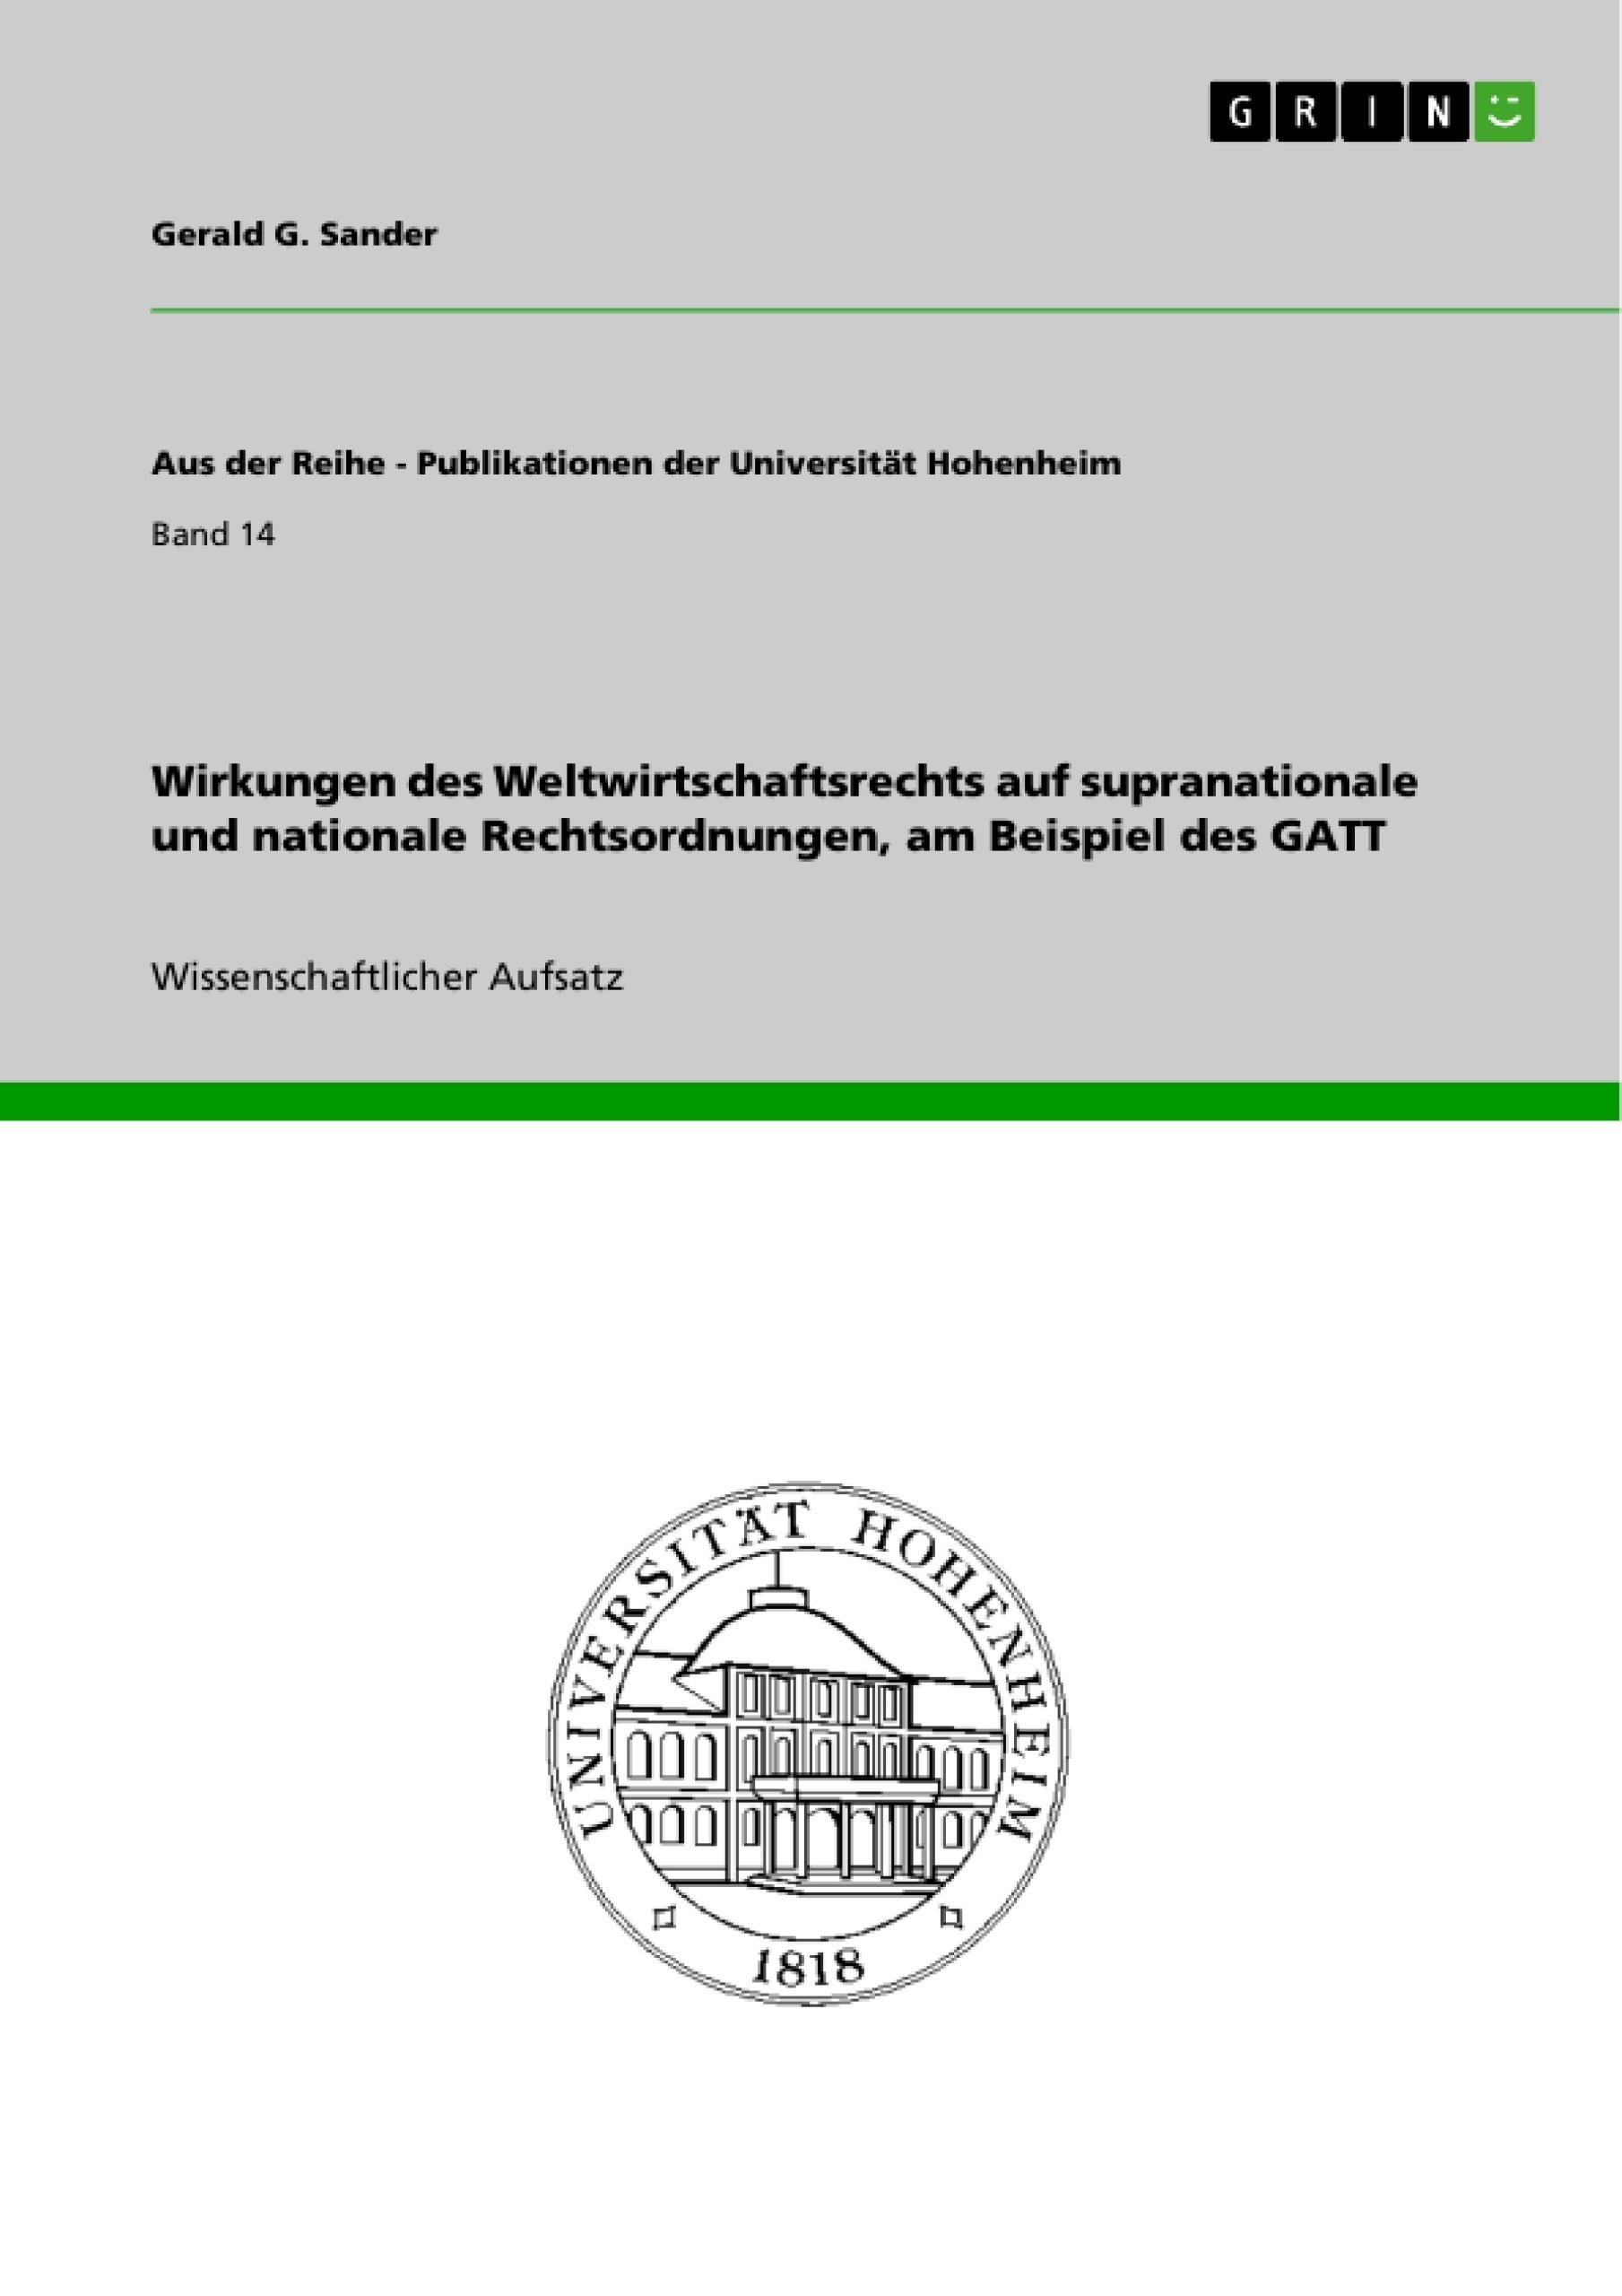 Titel: Wirkungen des Weltwirtschaftsrechts auf supranationale und nationale Rechtsordnungen, am Beispiel des GATT